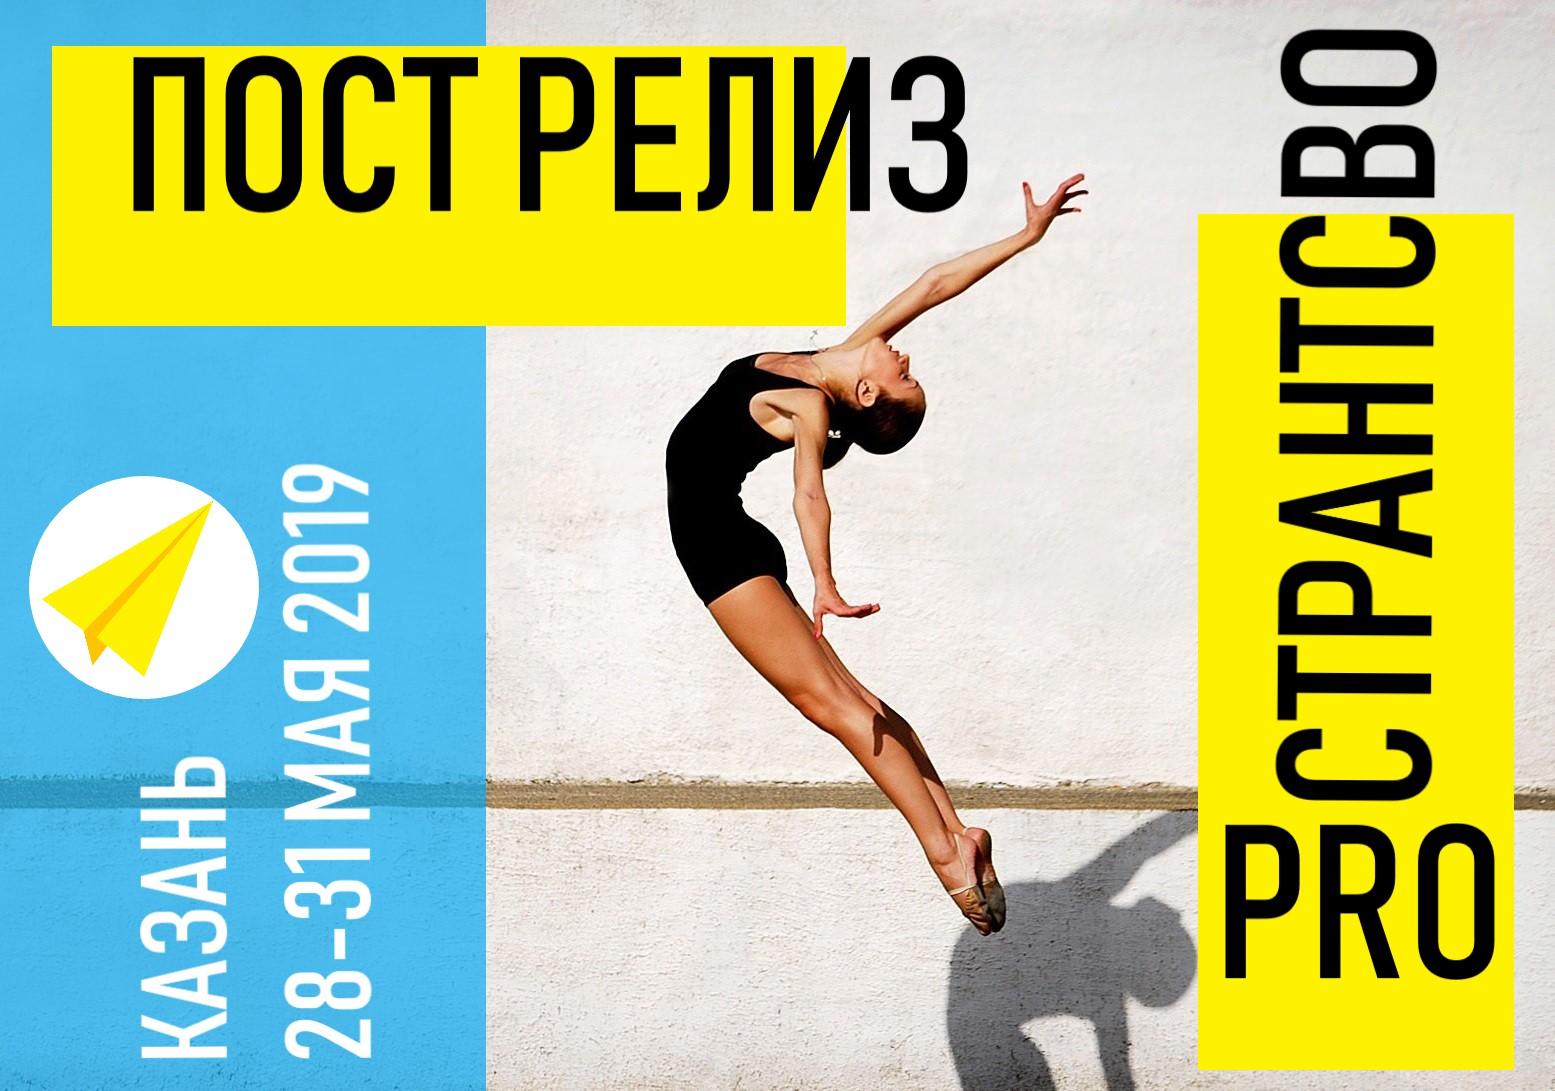 Пост релиз конкурса Пространство Казань 2019